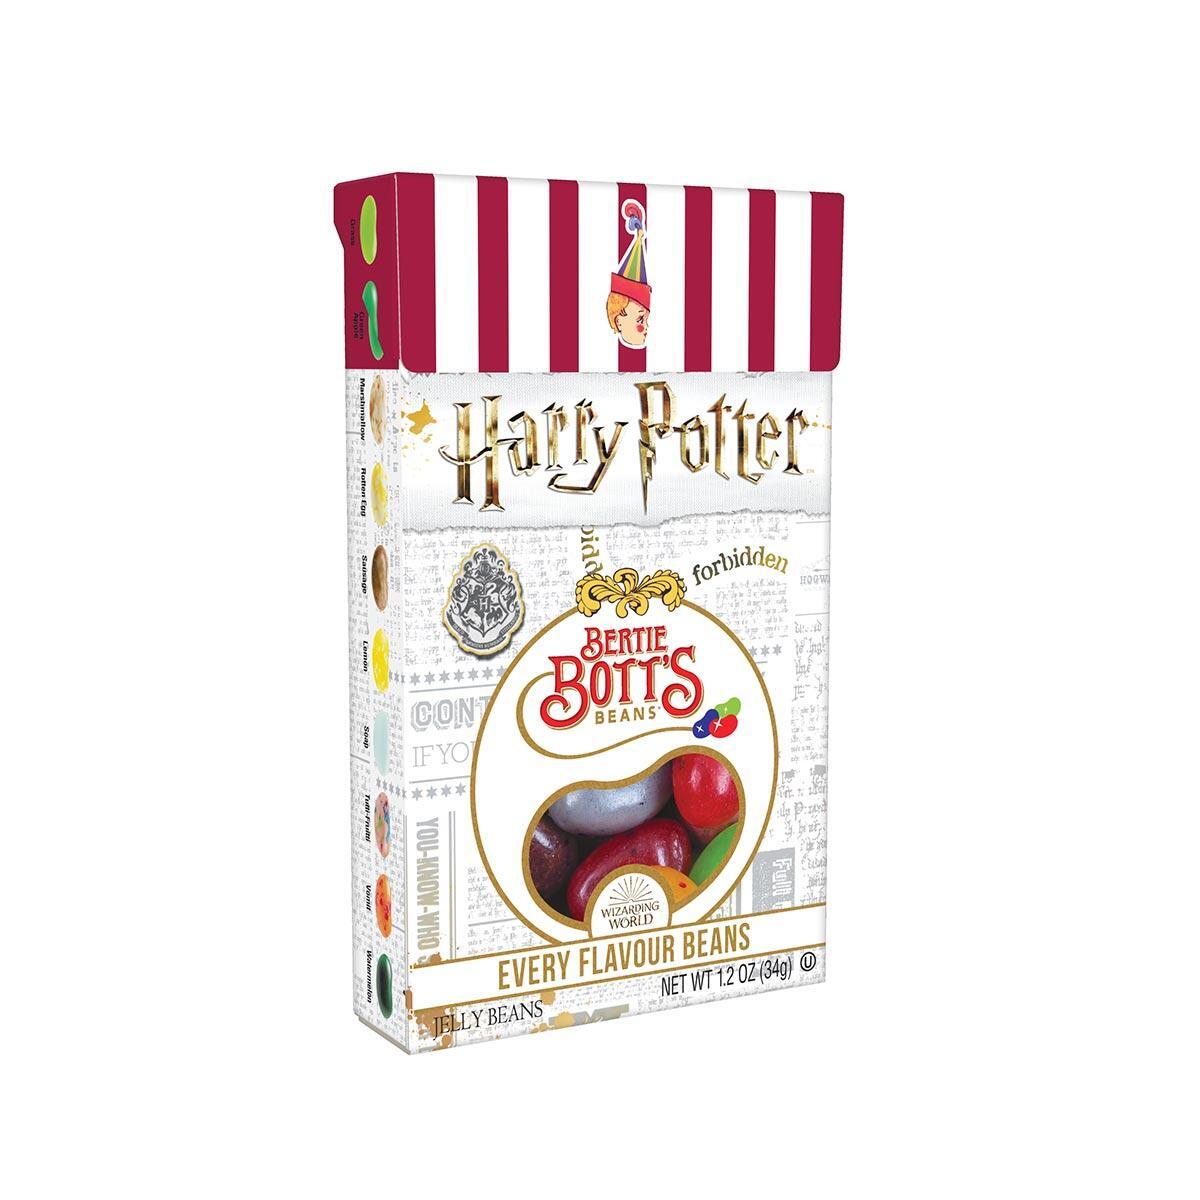 Harry Potter Bertie Bott S Every Flavour Beans 1 2 Oz Box